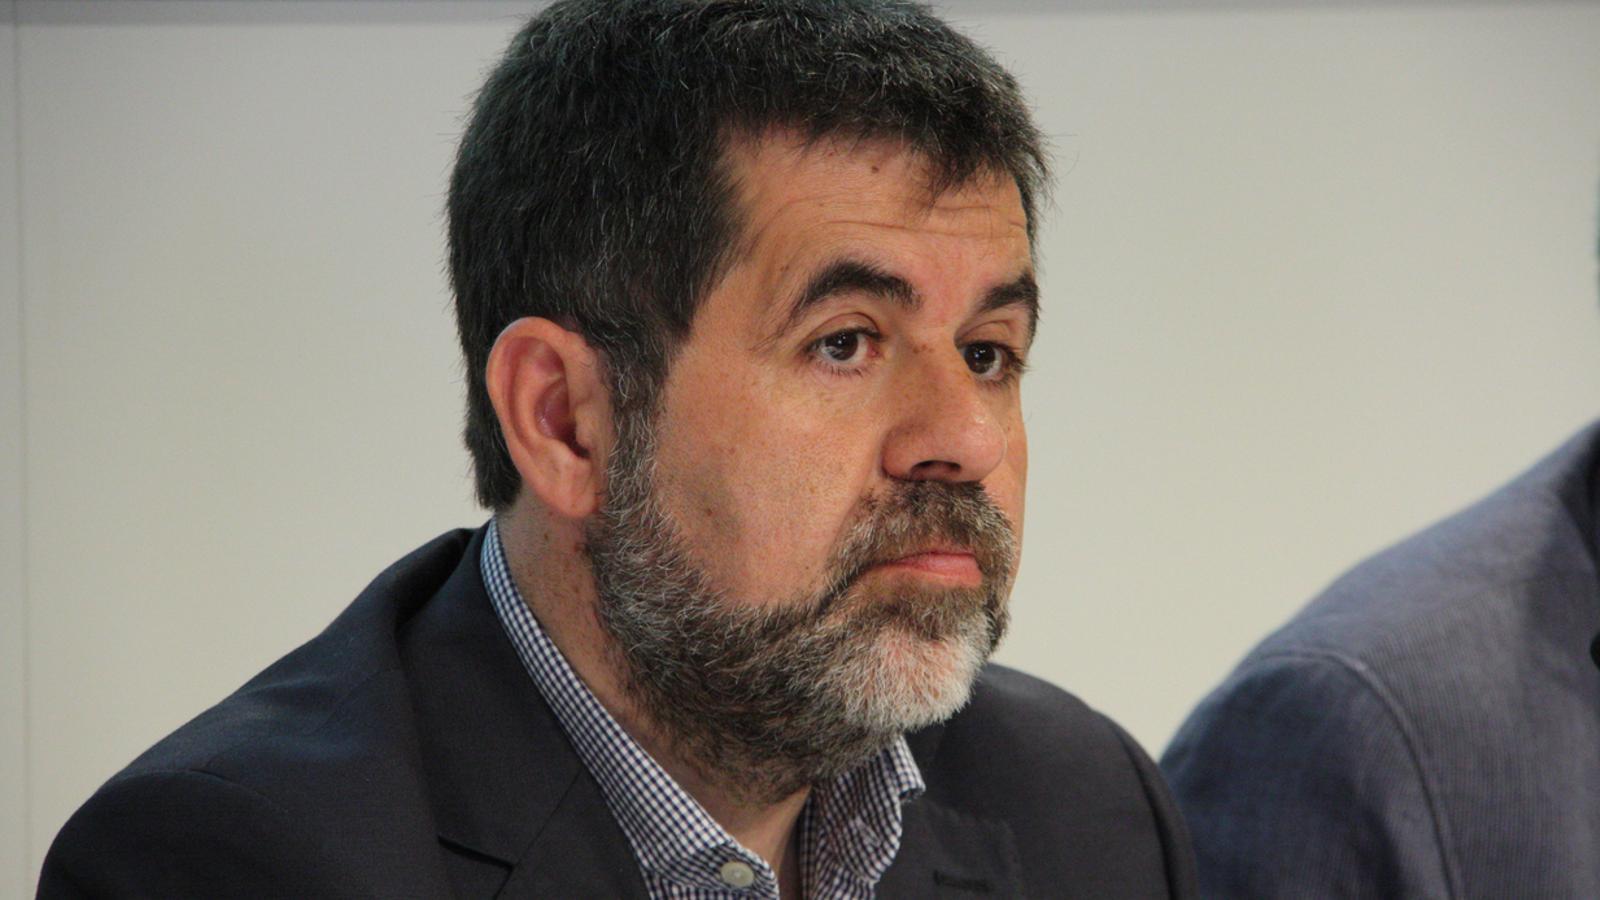 Jordi Sánchez, president de l'Assemblea Nacional Catalana (ANC), durant la presentació de l'estudi 'Impacte de la independència en l'empresa'. / ACN